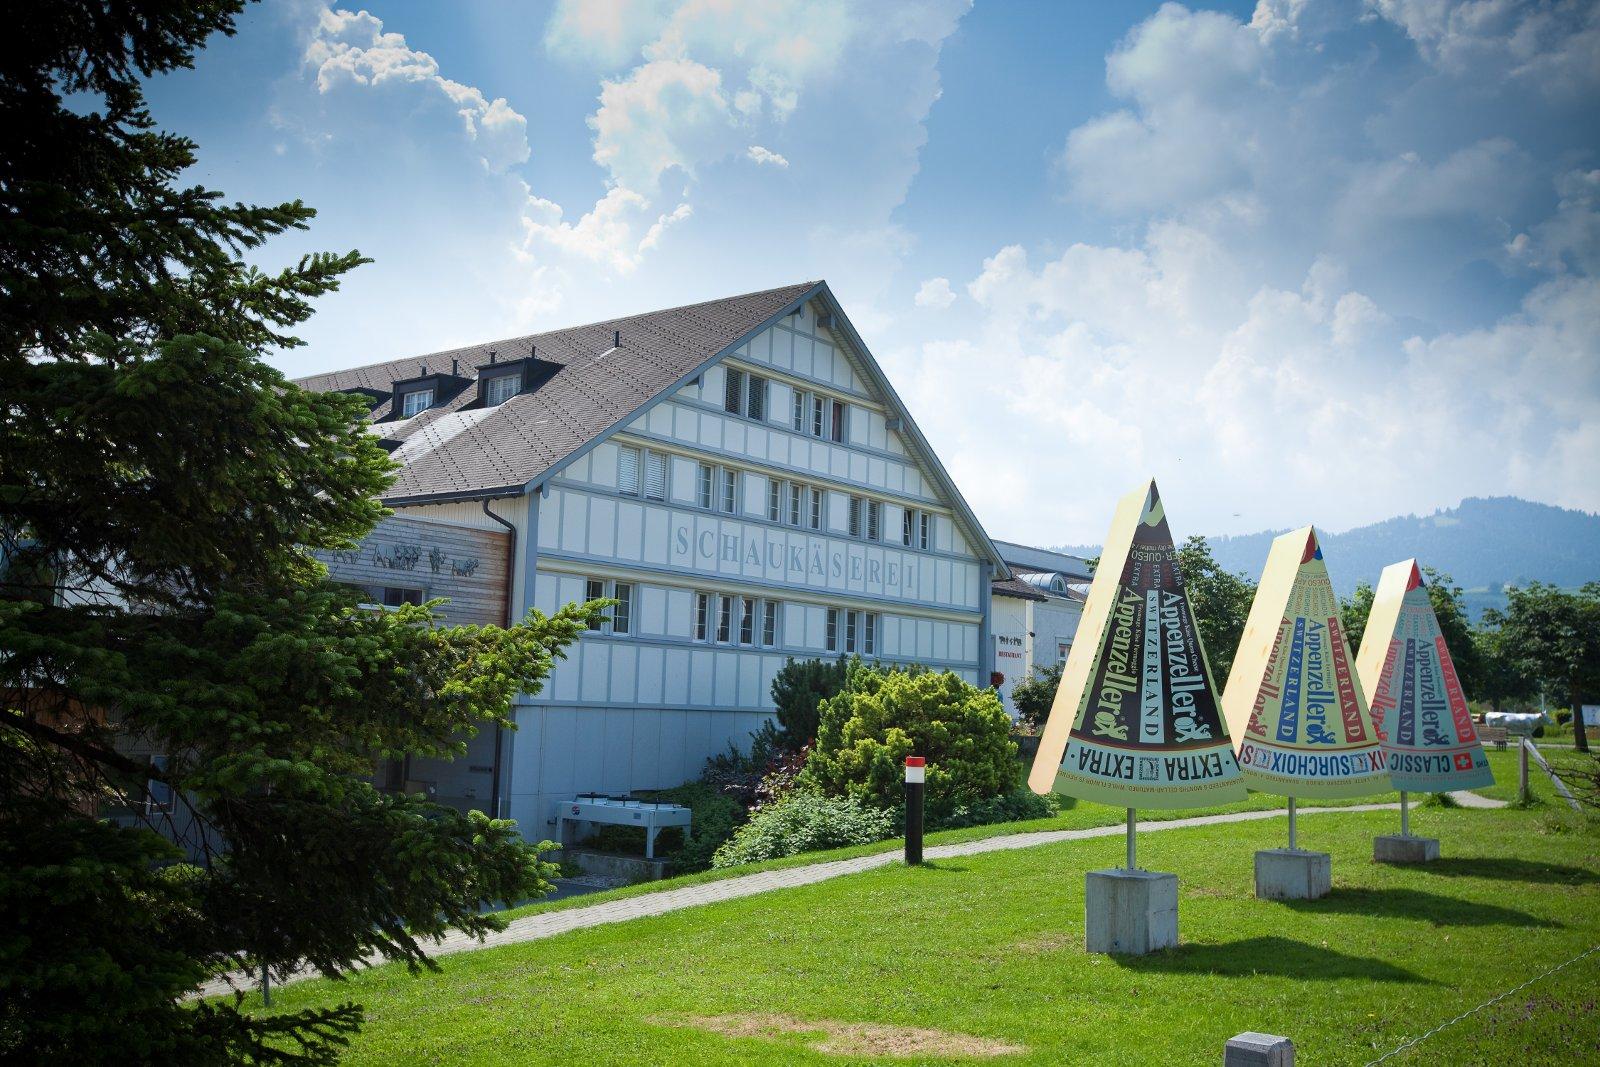 Schaukäserei Appenzell